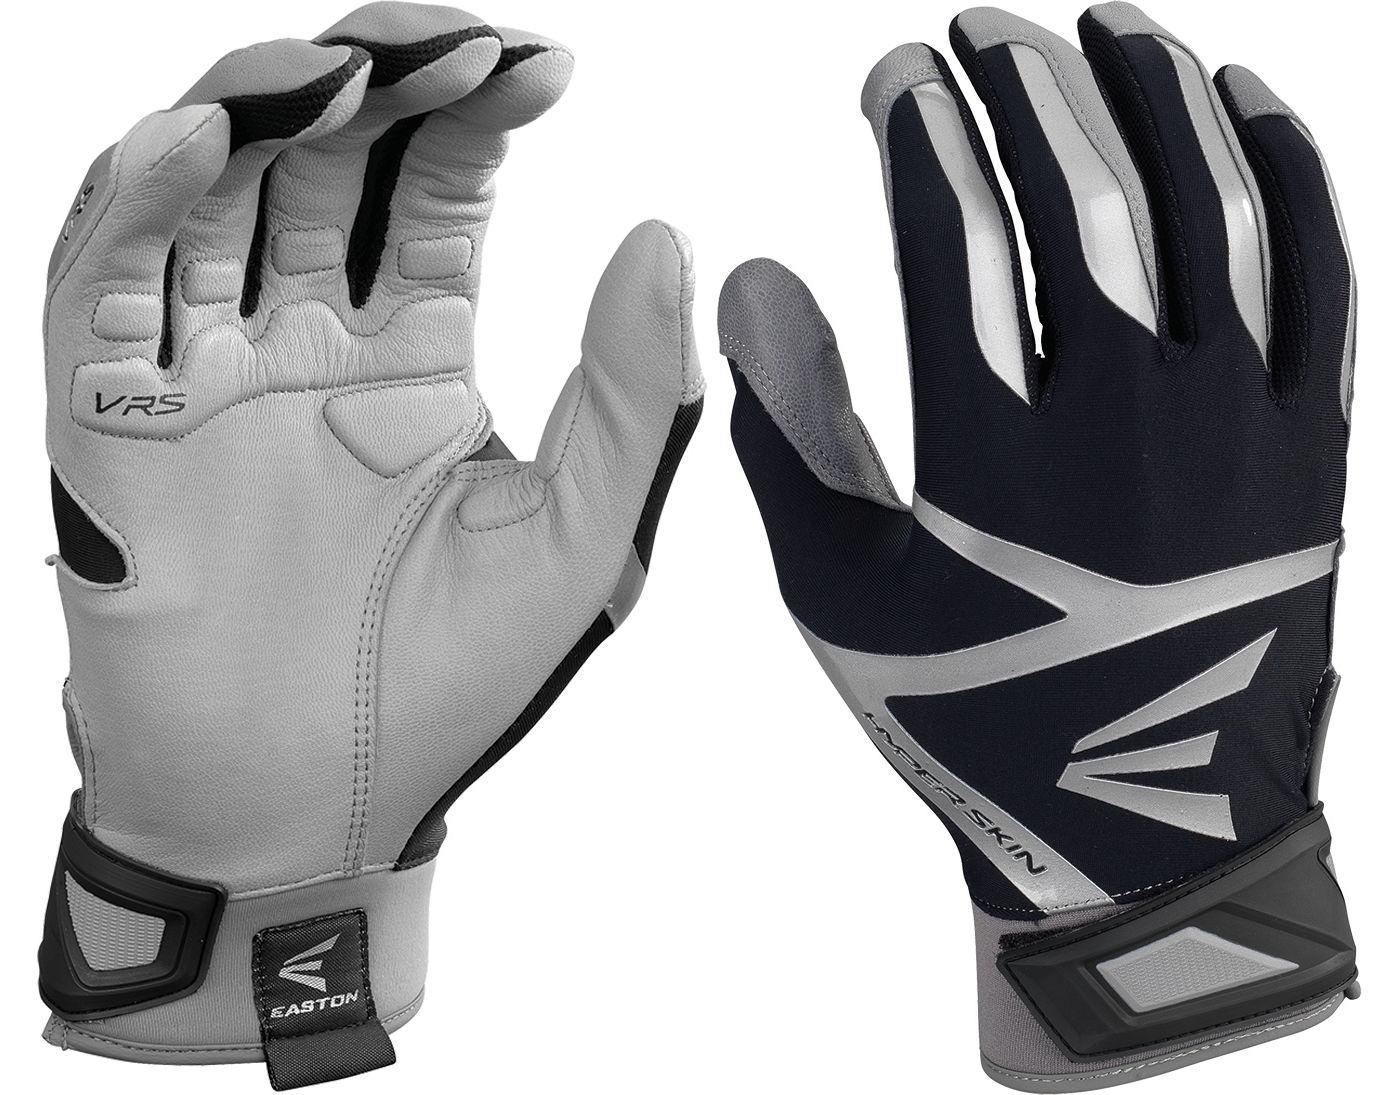 Easton Youth Z7 VRS Hyperskin Batting Gloves 2018